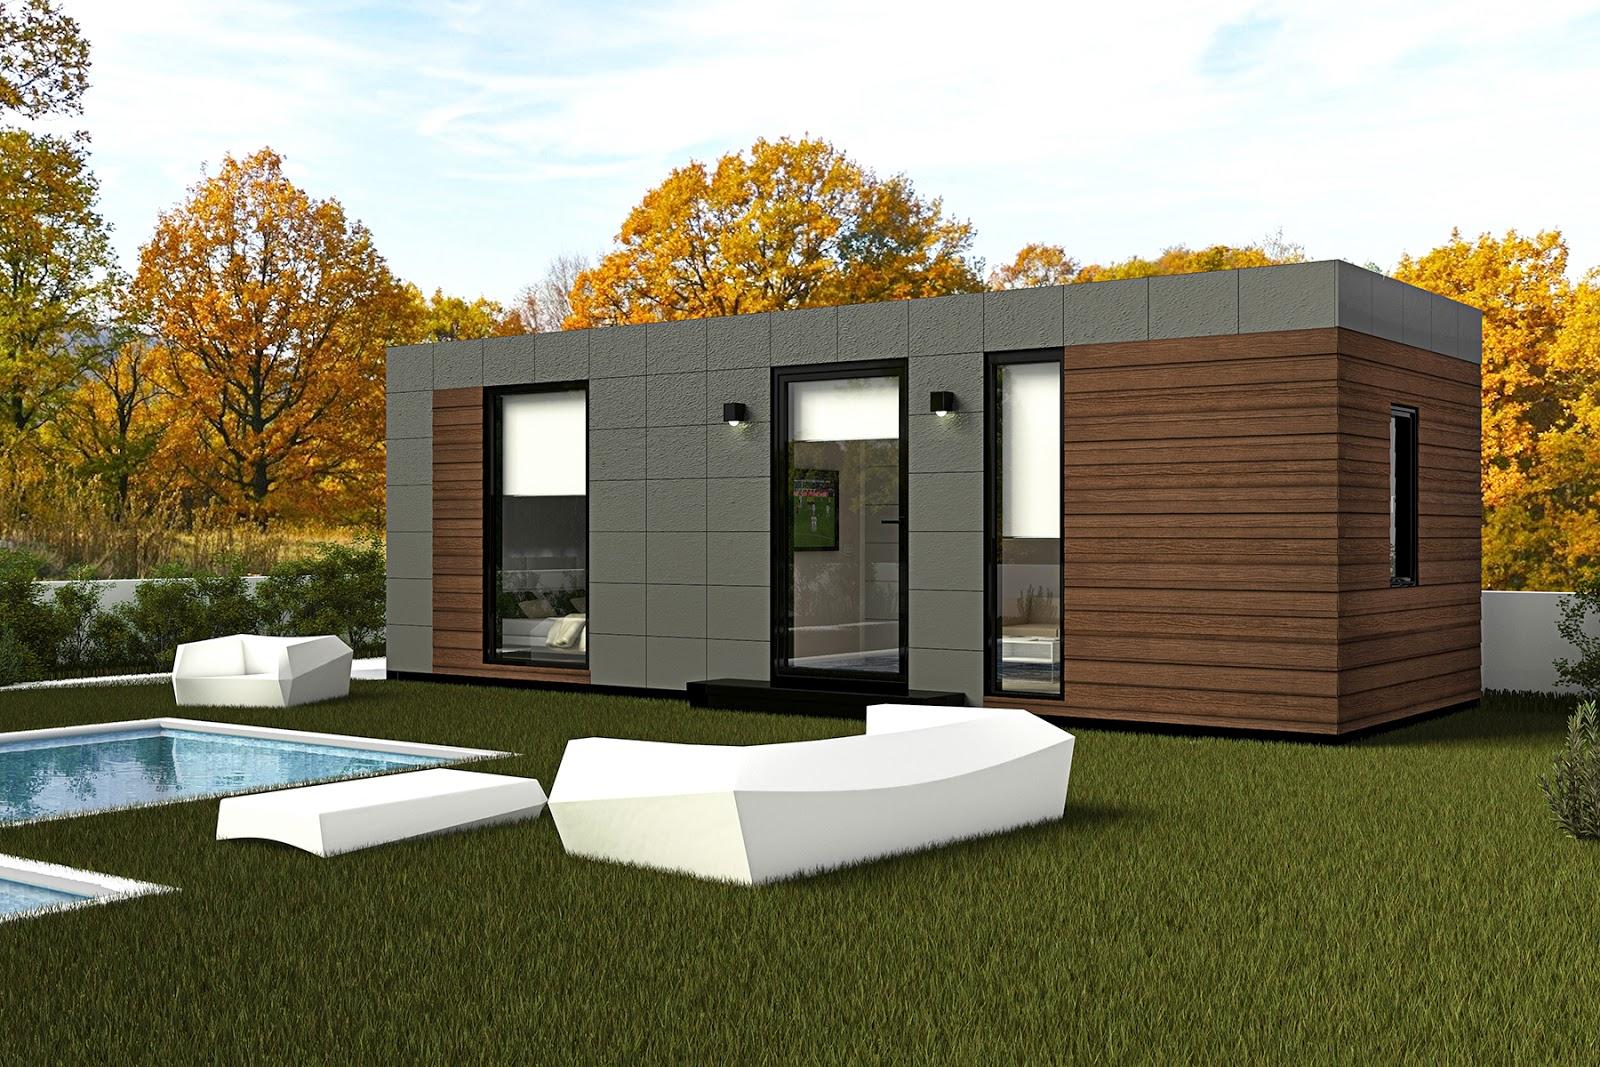 Construcci n modular lo mejor para campings y albergues - Construccion de bungalows ...